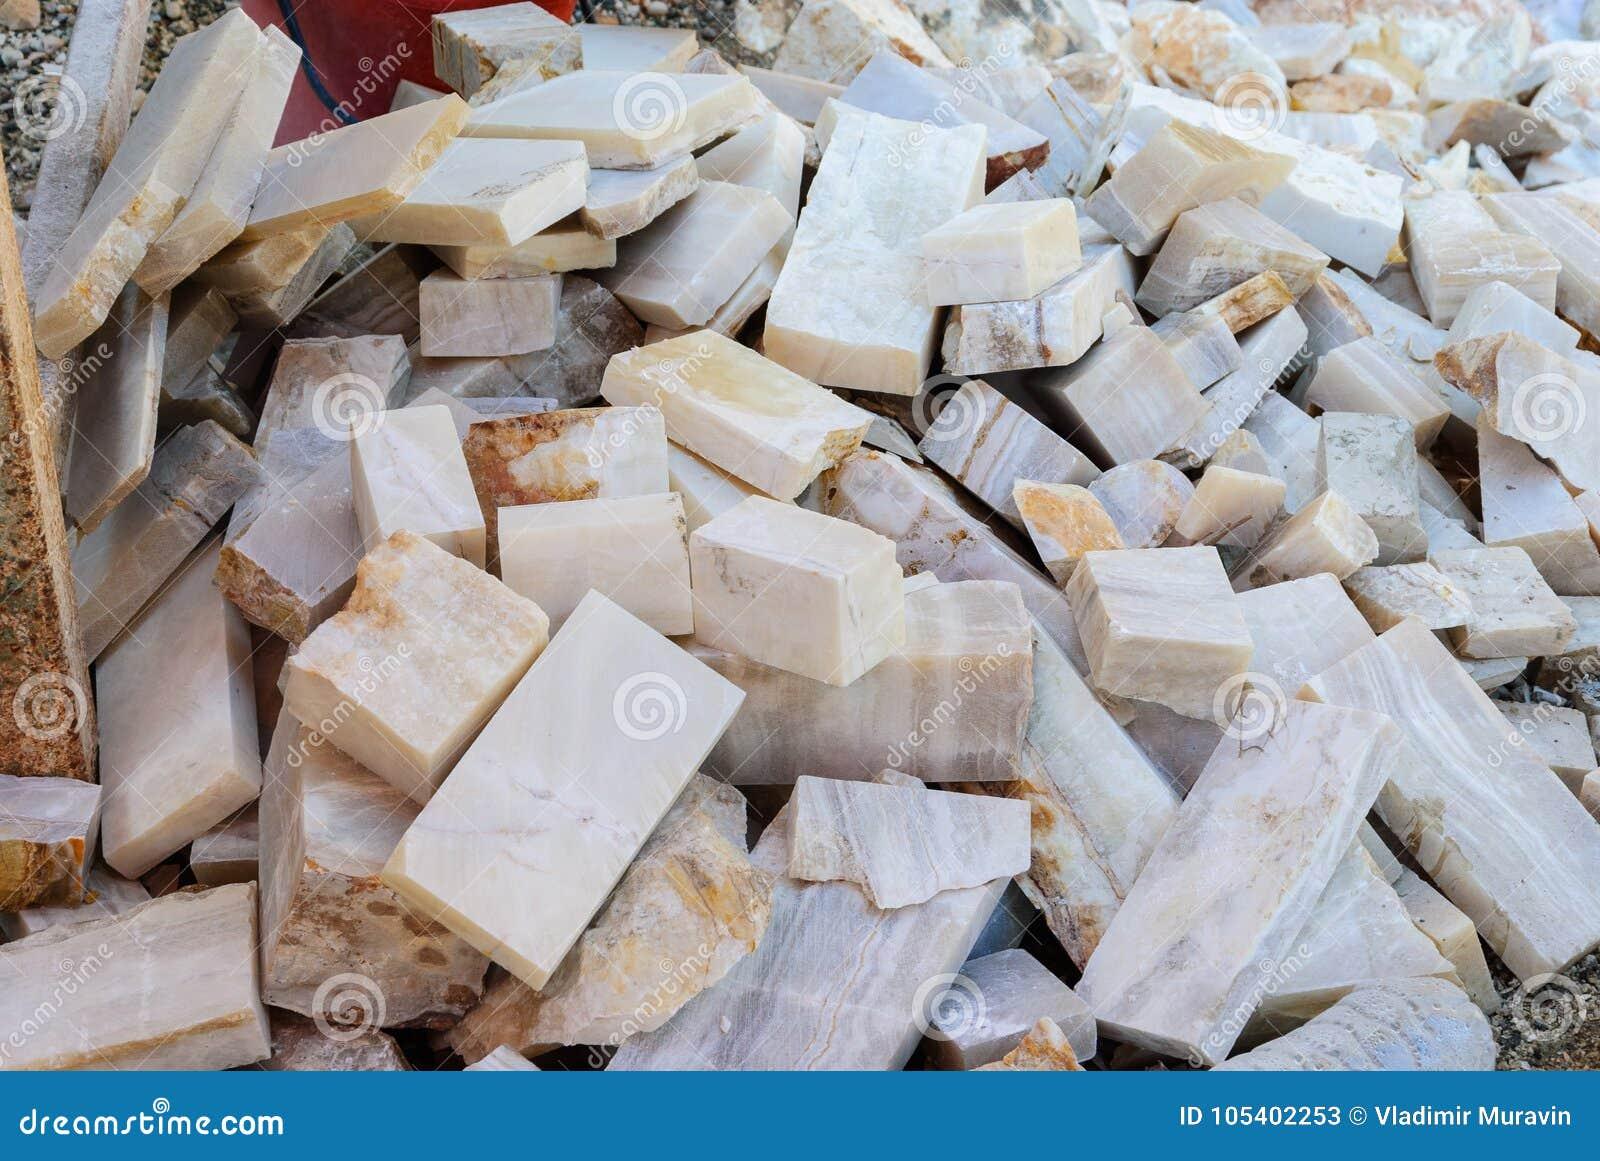 Rozwój kamienna onyks skała, uprawiający materiał